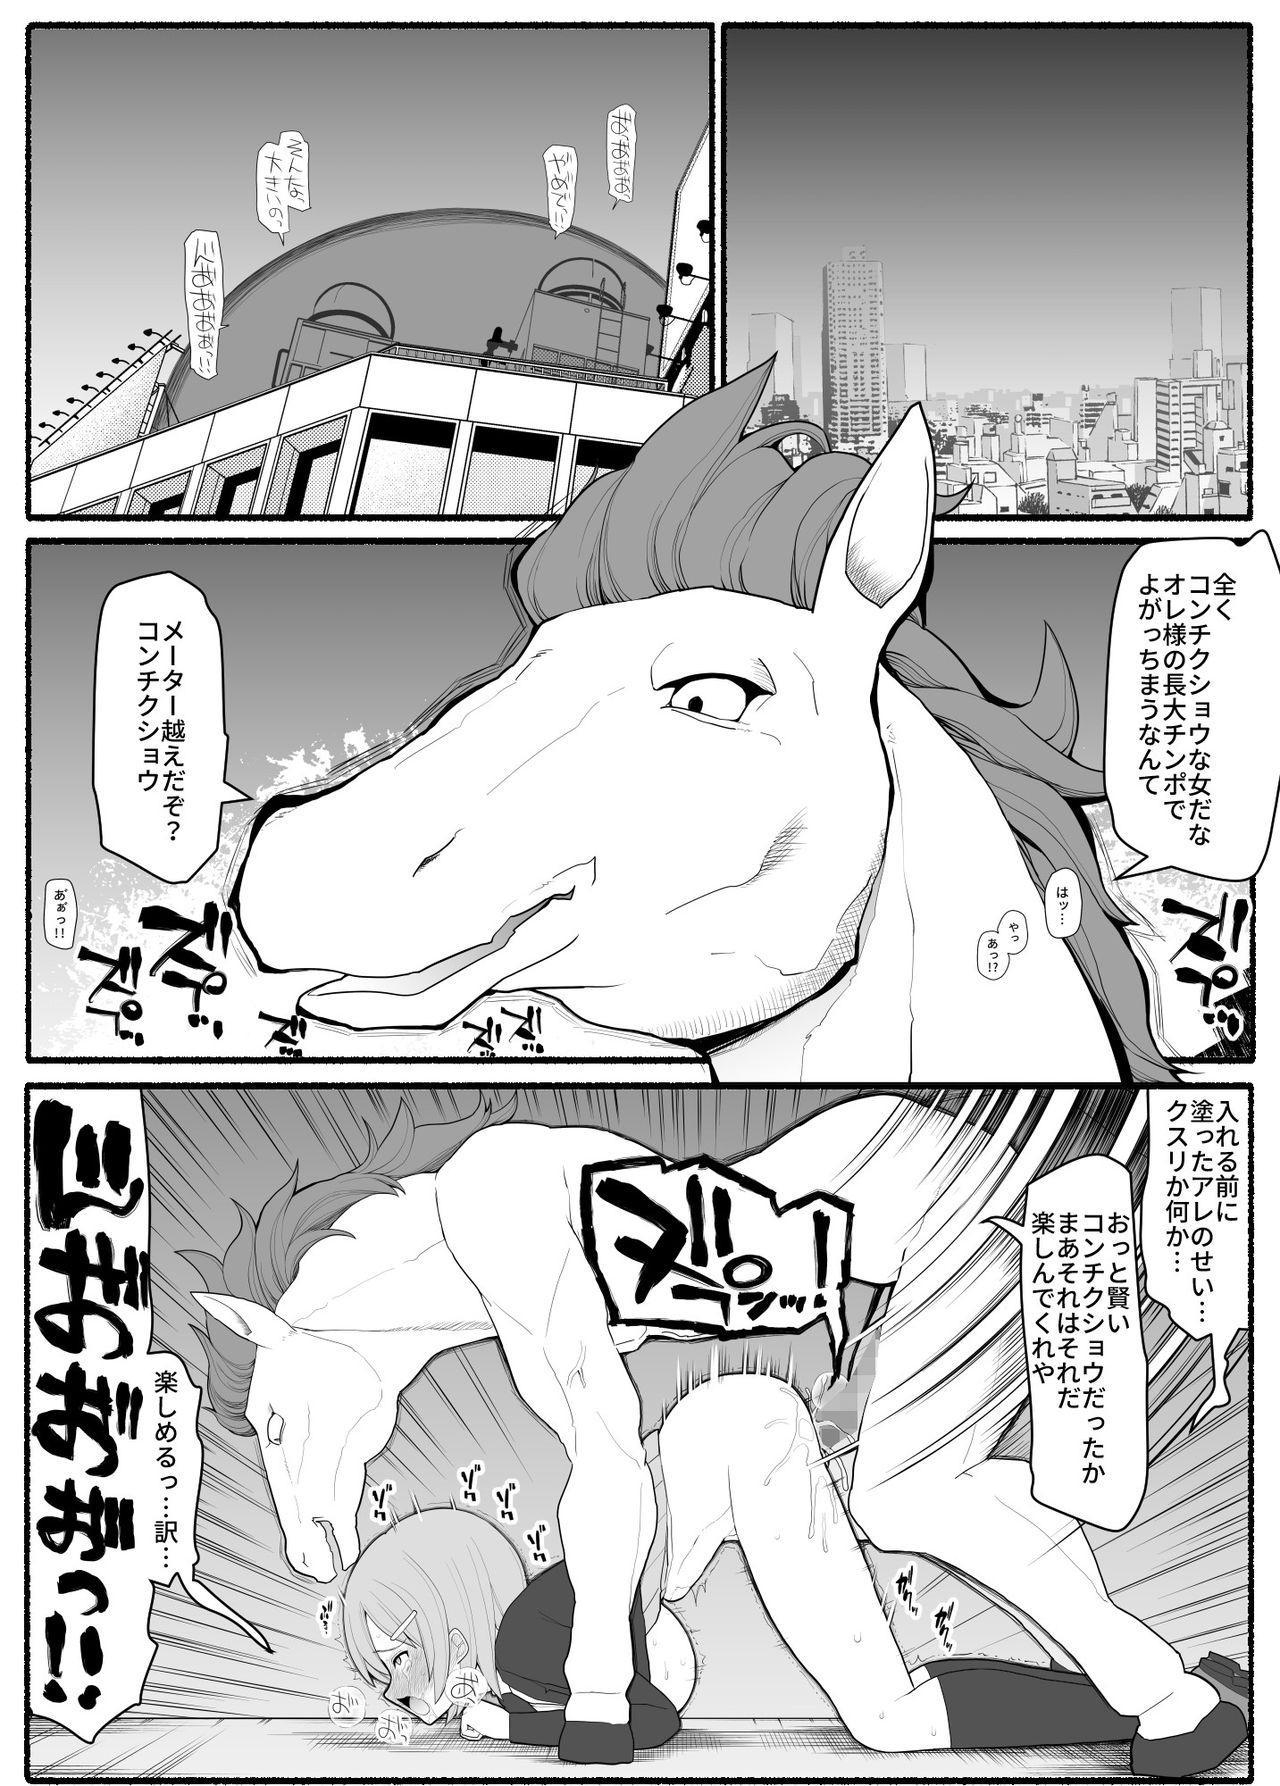 Mahou Shoujo VS Inma Seibutsu 3 2